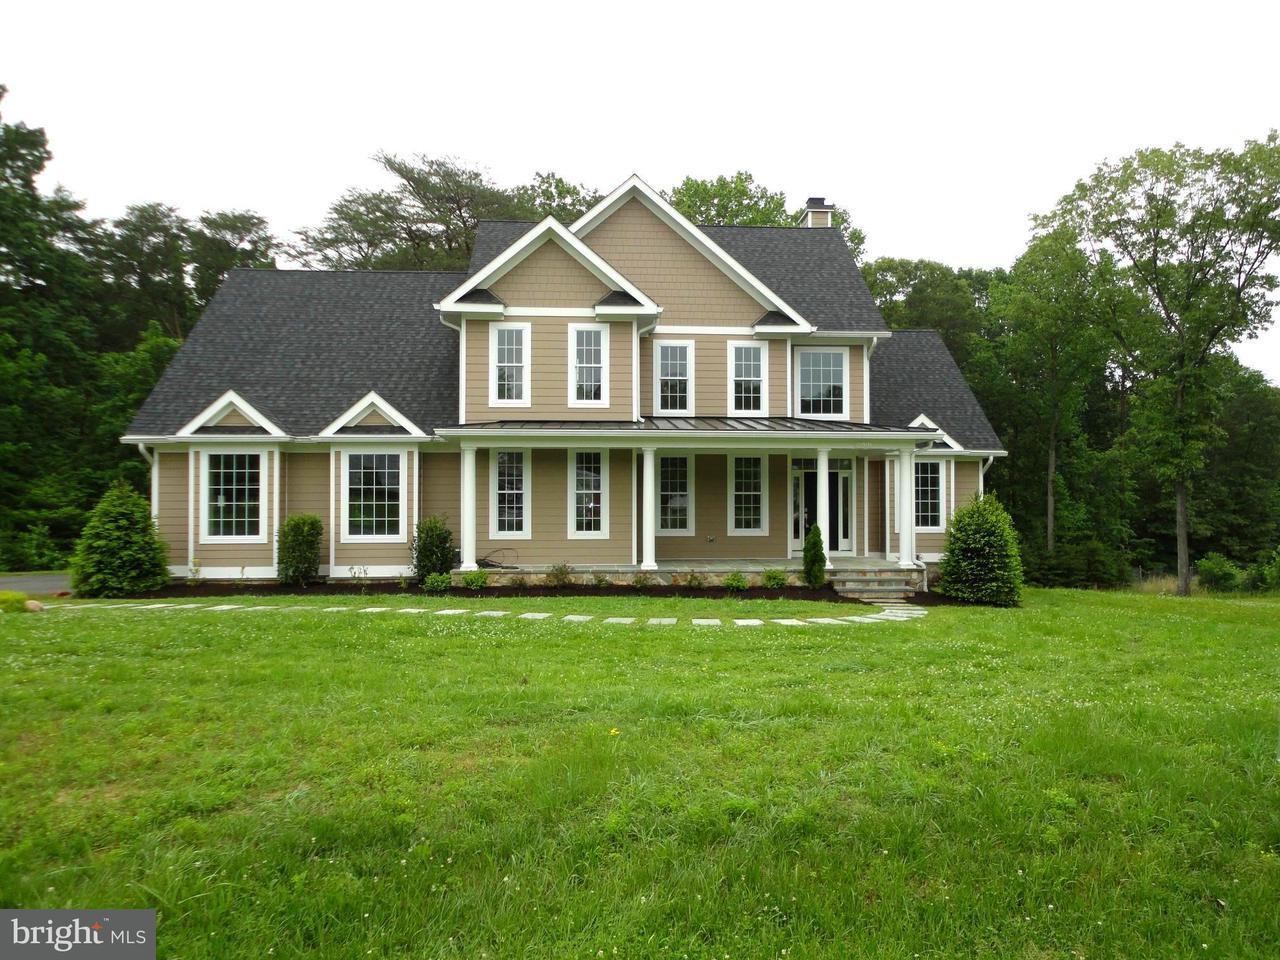 단독 가정 주택 용 매매 에 1008 SAINT ANNE Lane 1008 SAINT ANNE Lane Millersville, 메릴랜드 21108 미국